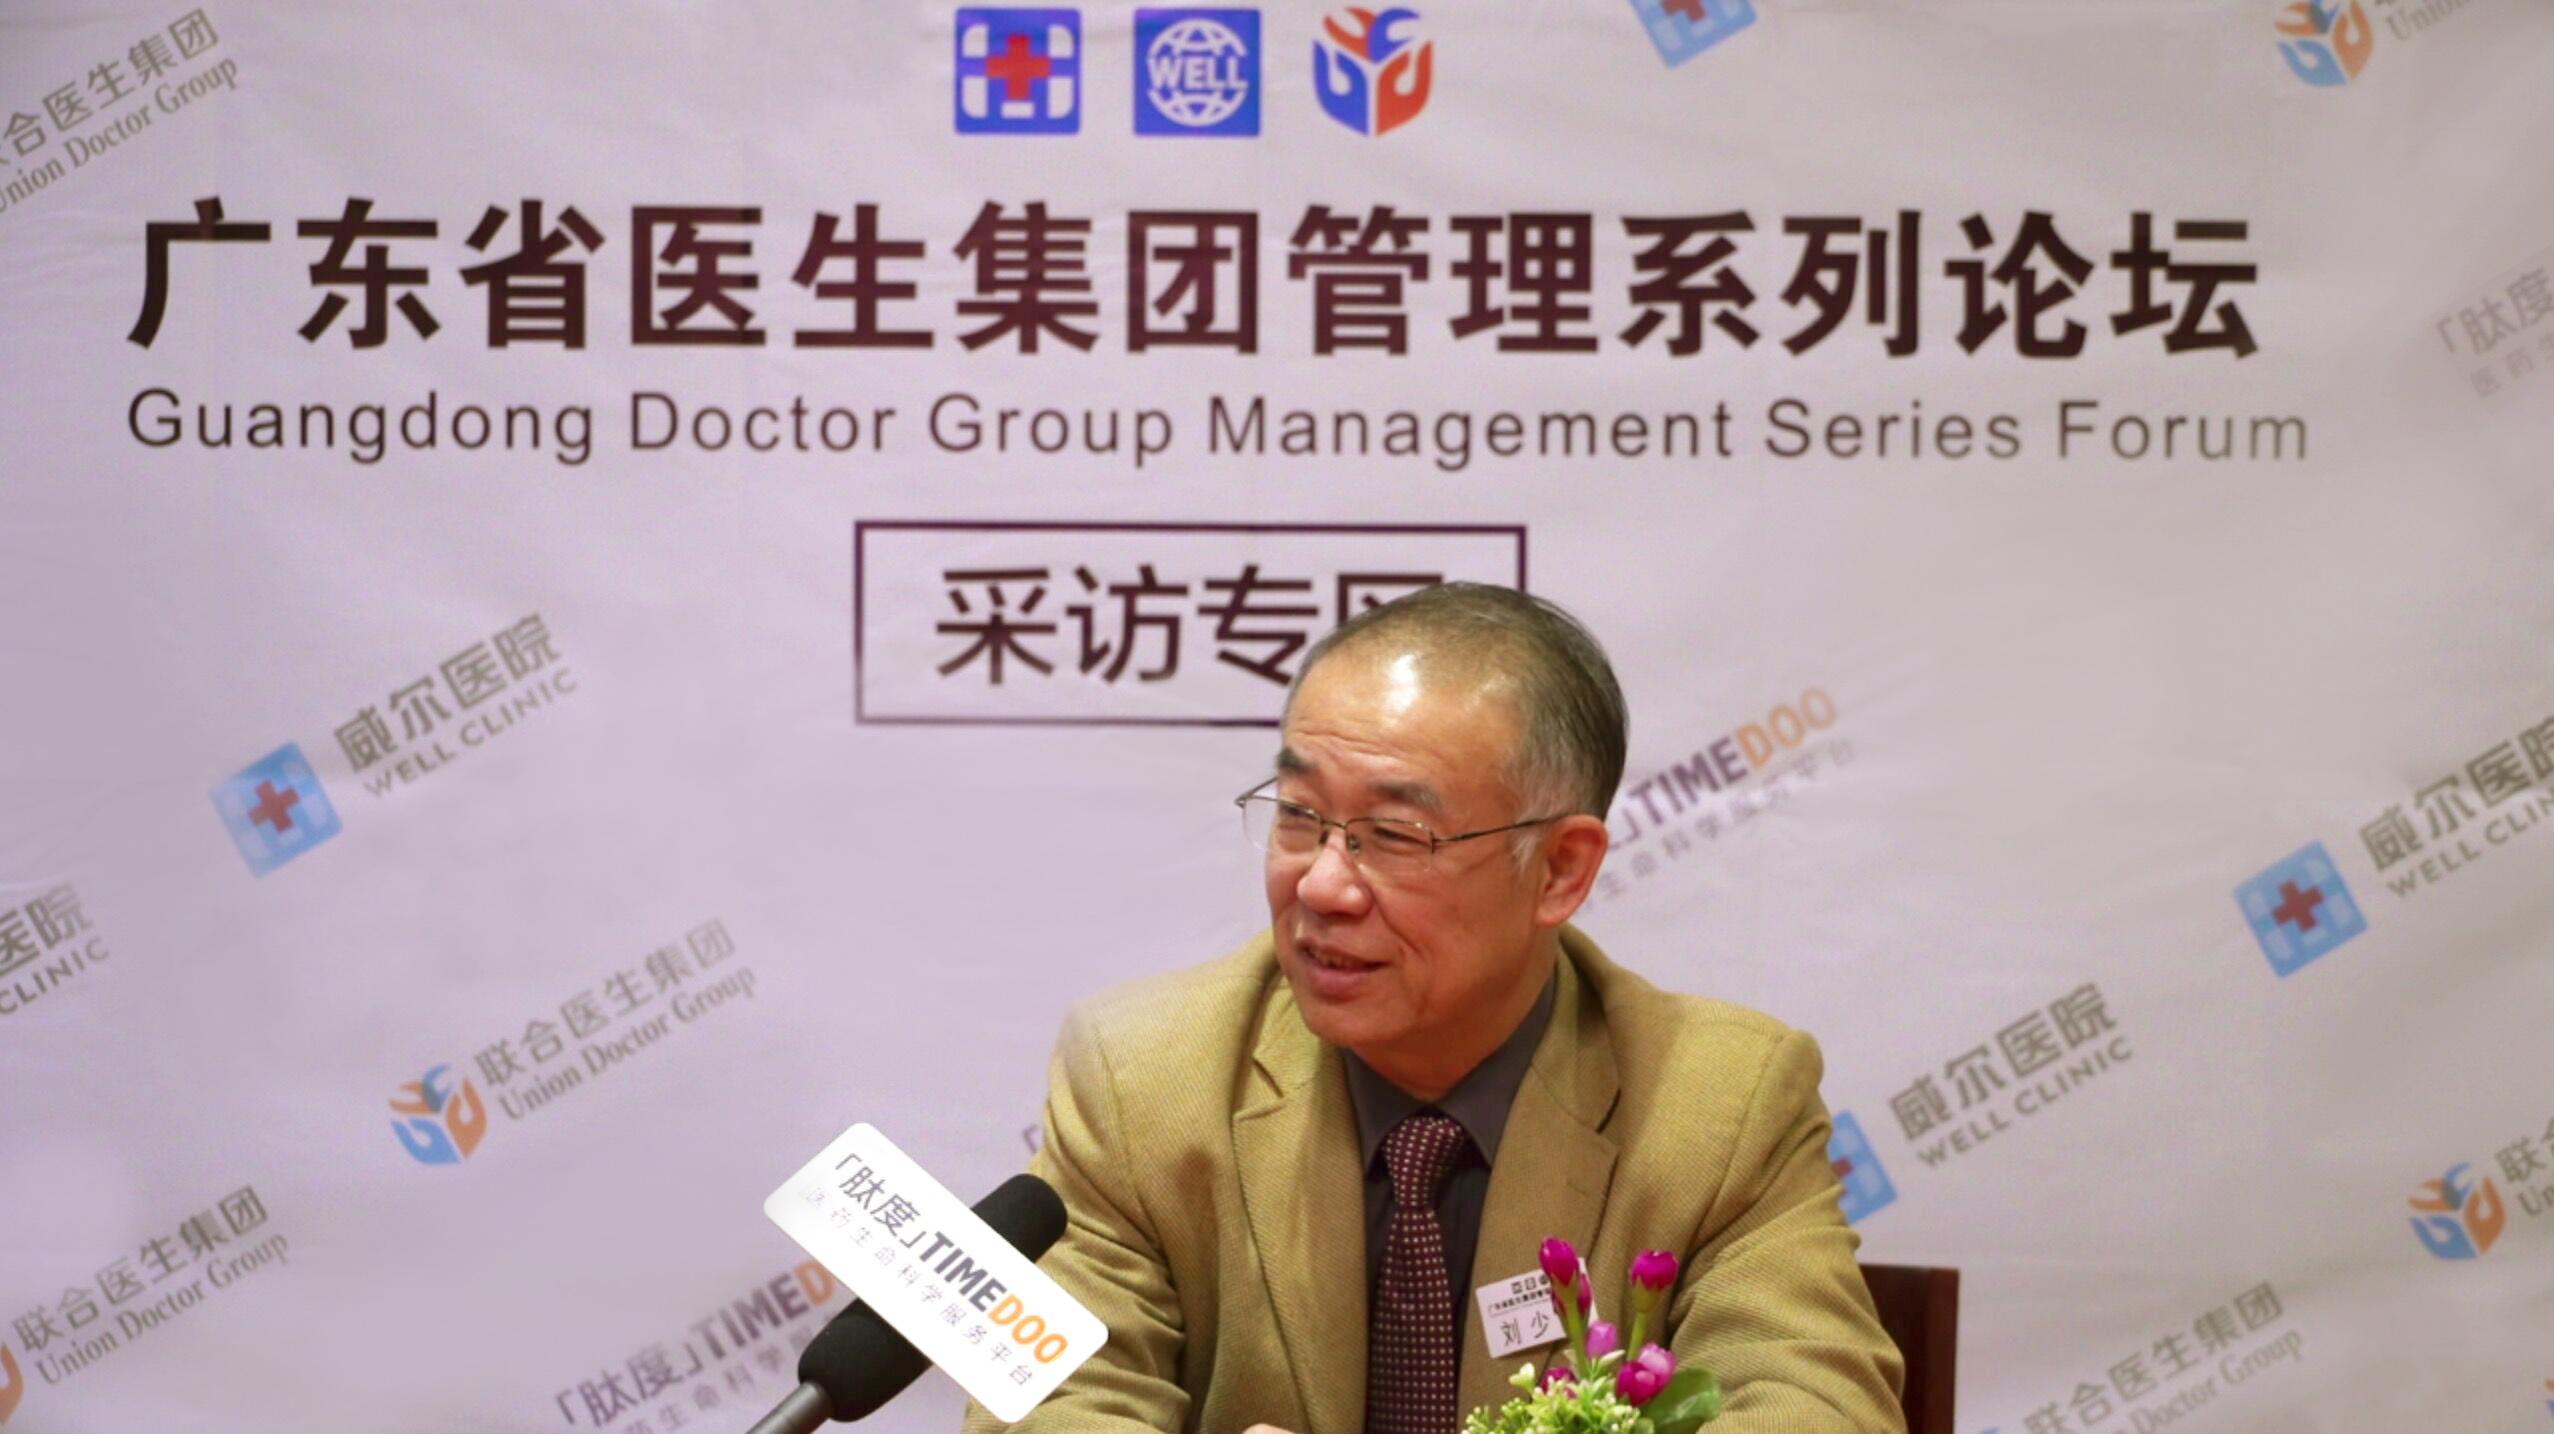 刘少喻教授:医生的培养需要有内涵的交流